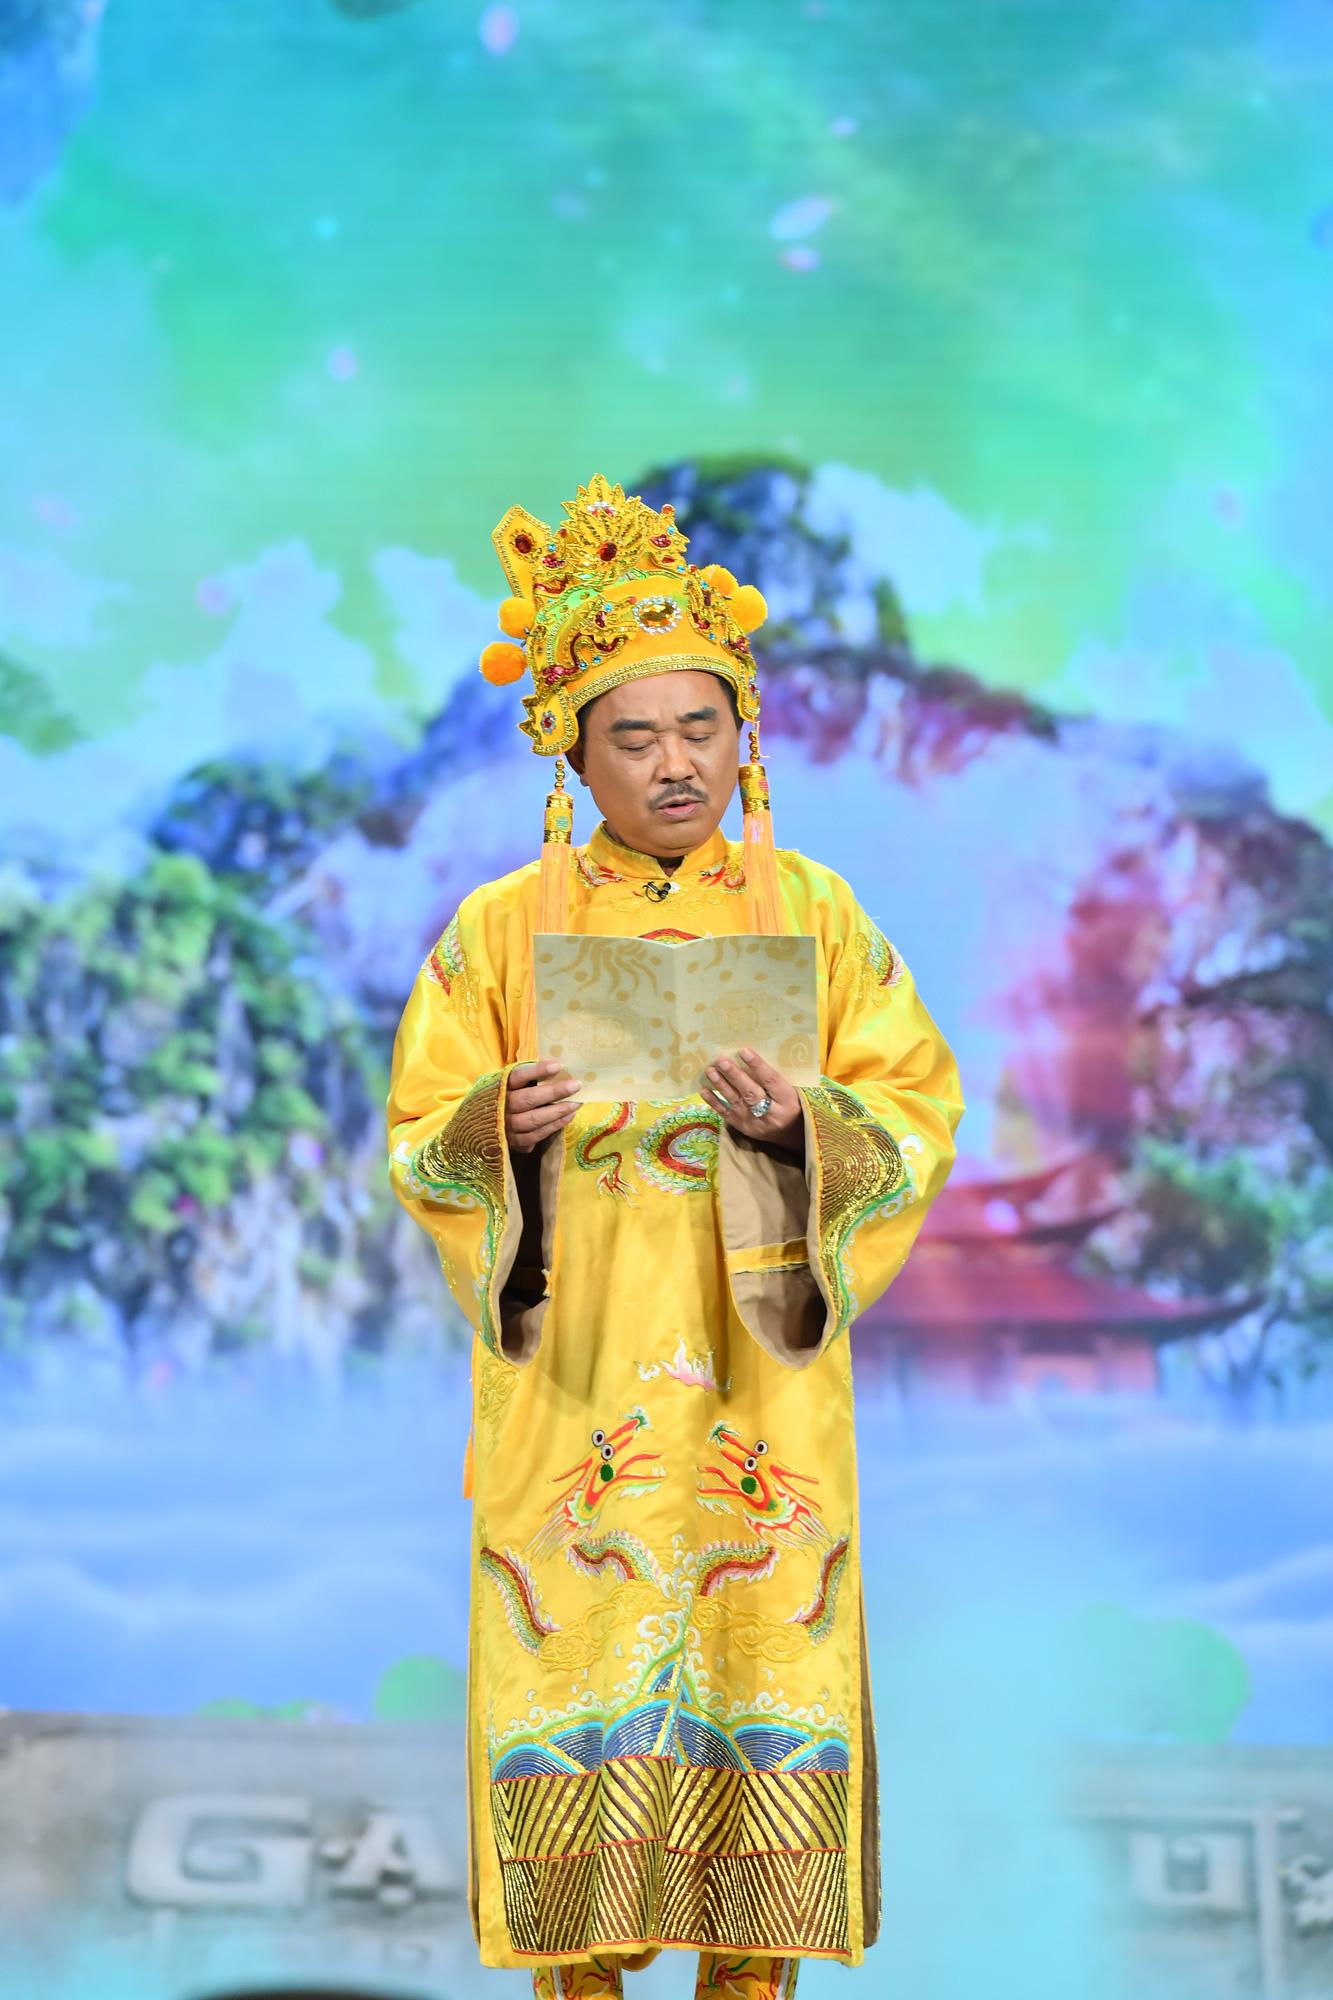 """Vì sao NSƯT Quốc Khánh lẻ bóng ở tuổi U60 dù """"lấy vợ là lấy được ngay""""? - Ảnh 4."""